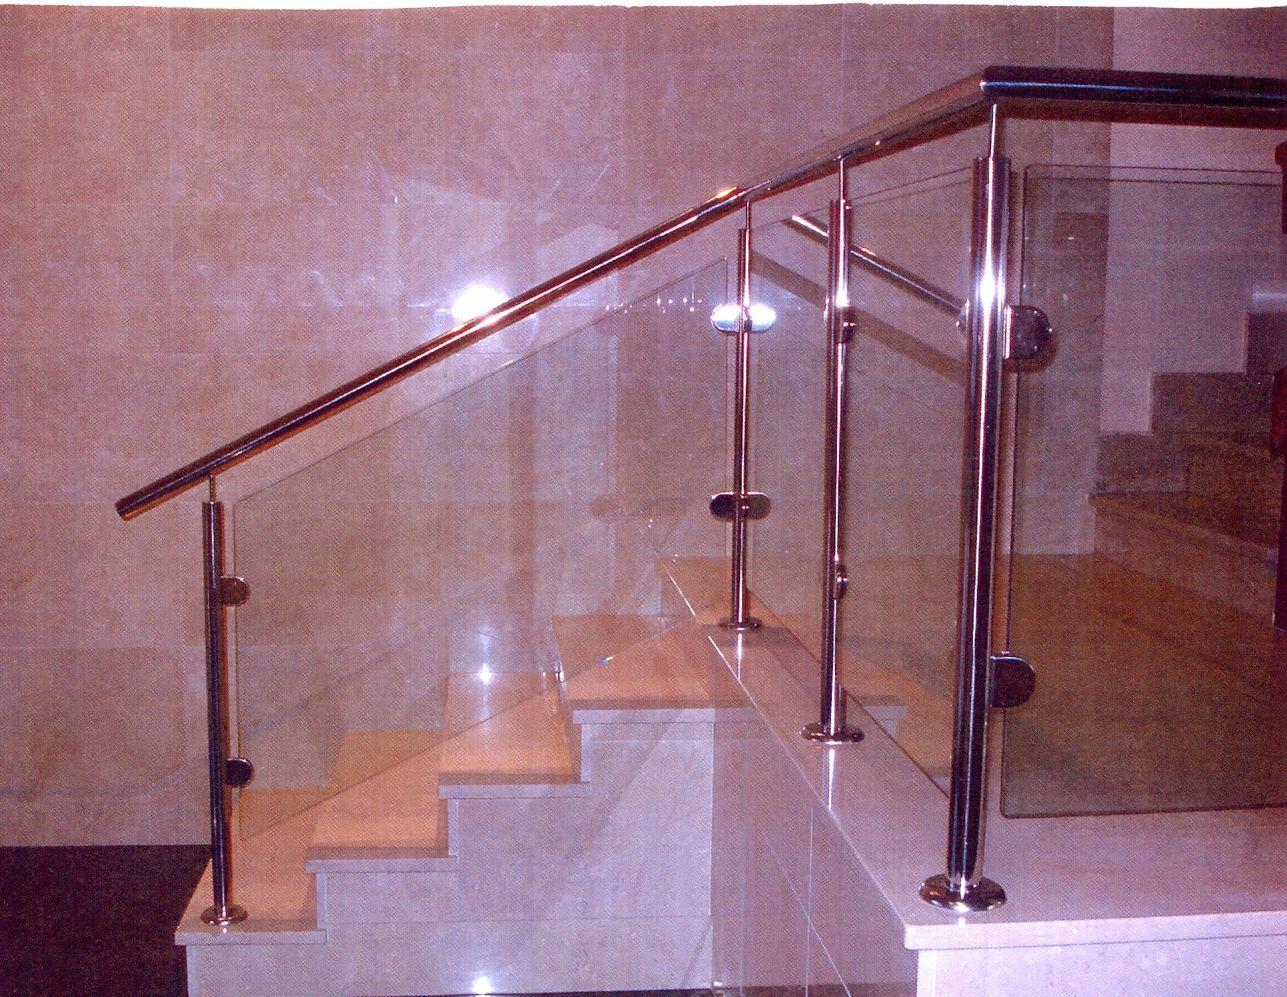 Puertas Para Baño En Acero Inoxidable:Barandilla acero inoxidable: Catálogo de Forja Boutique del Hierro